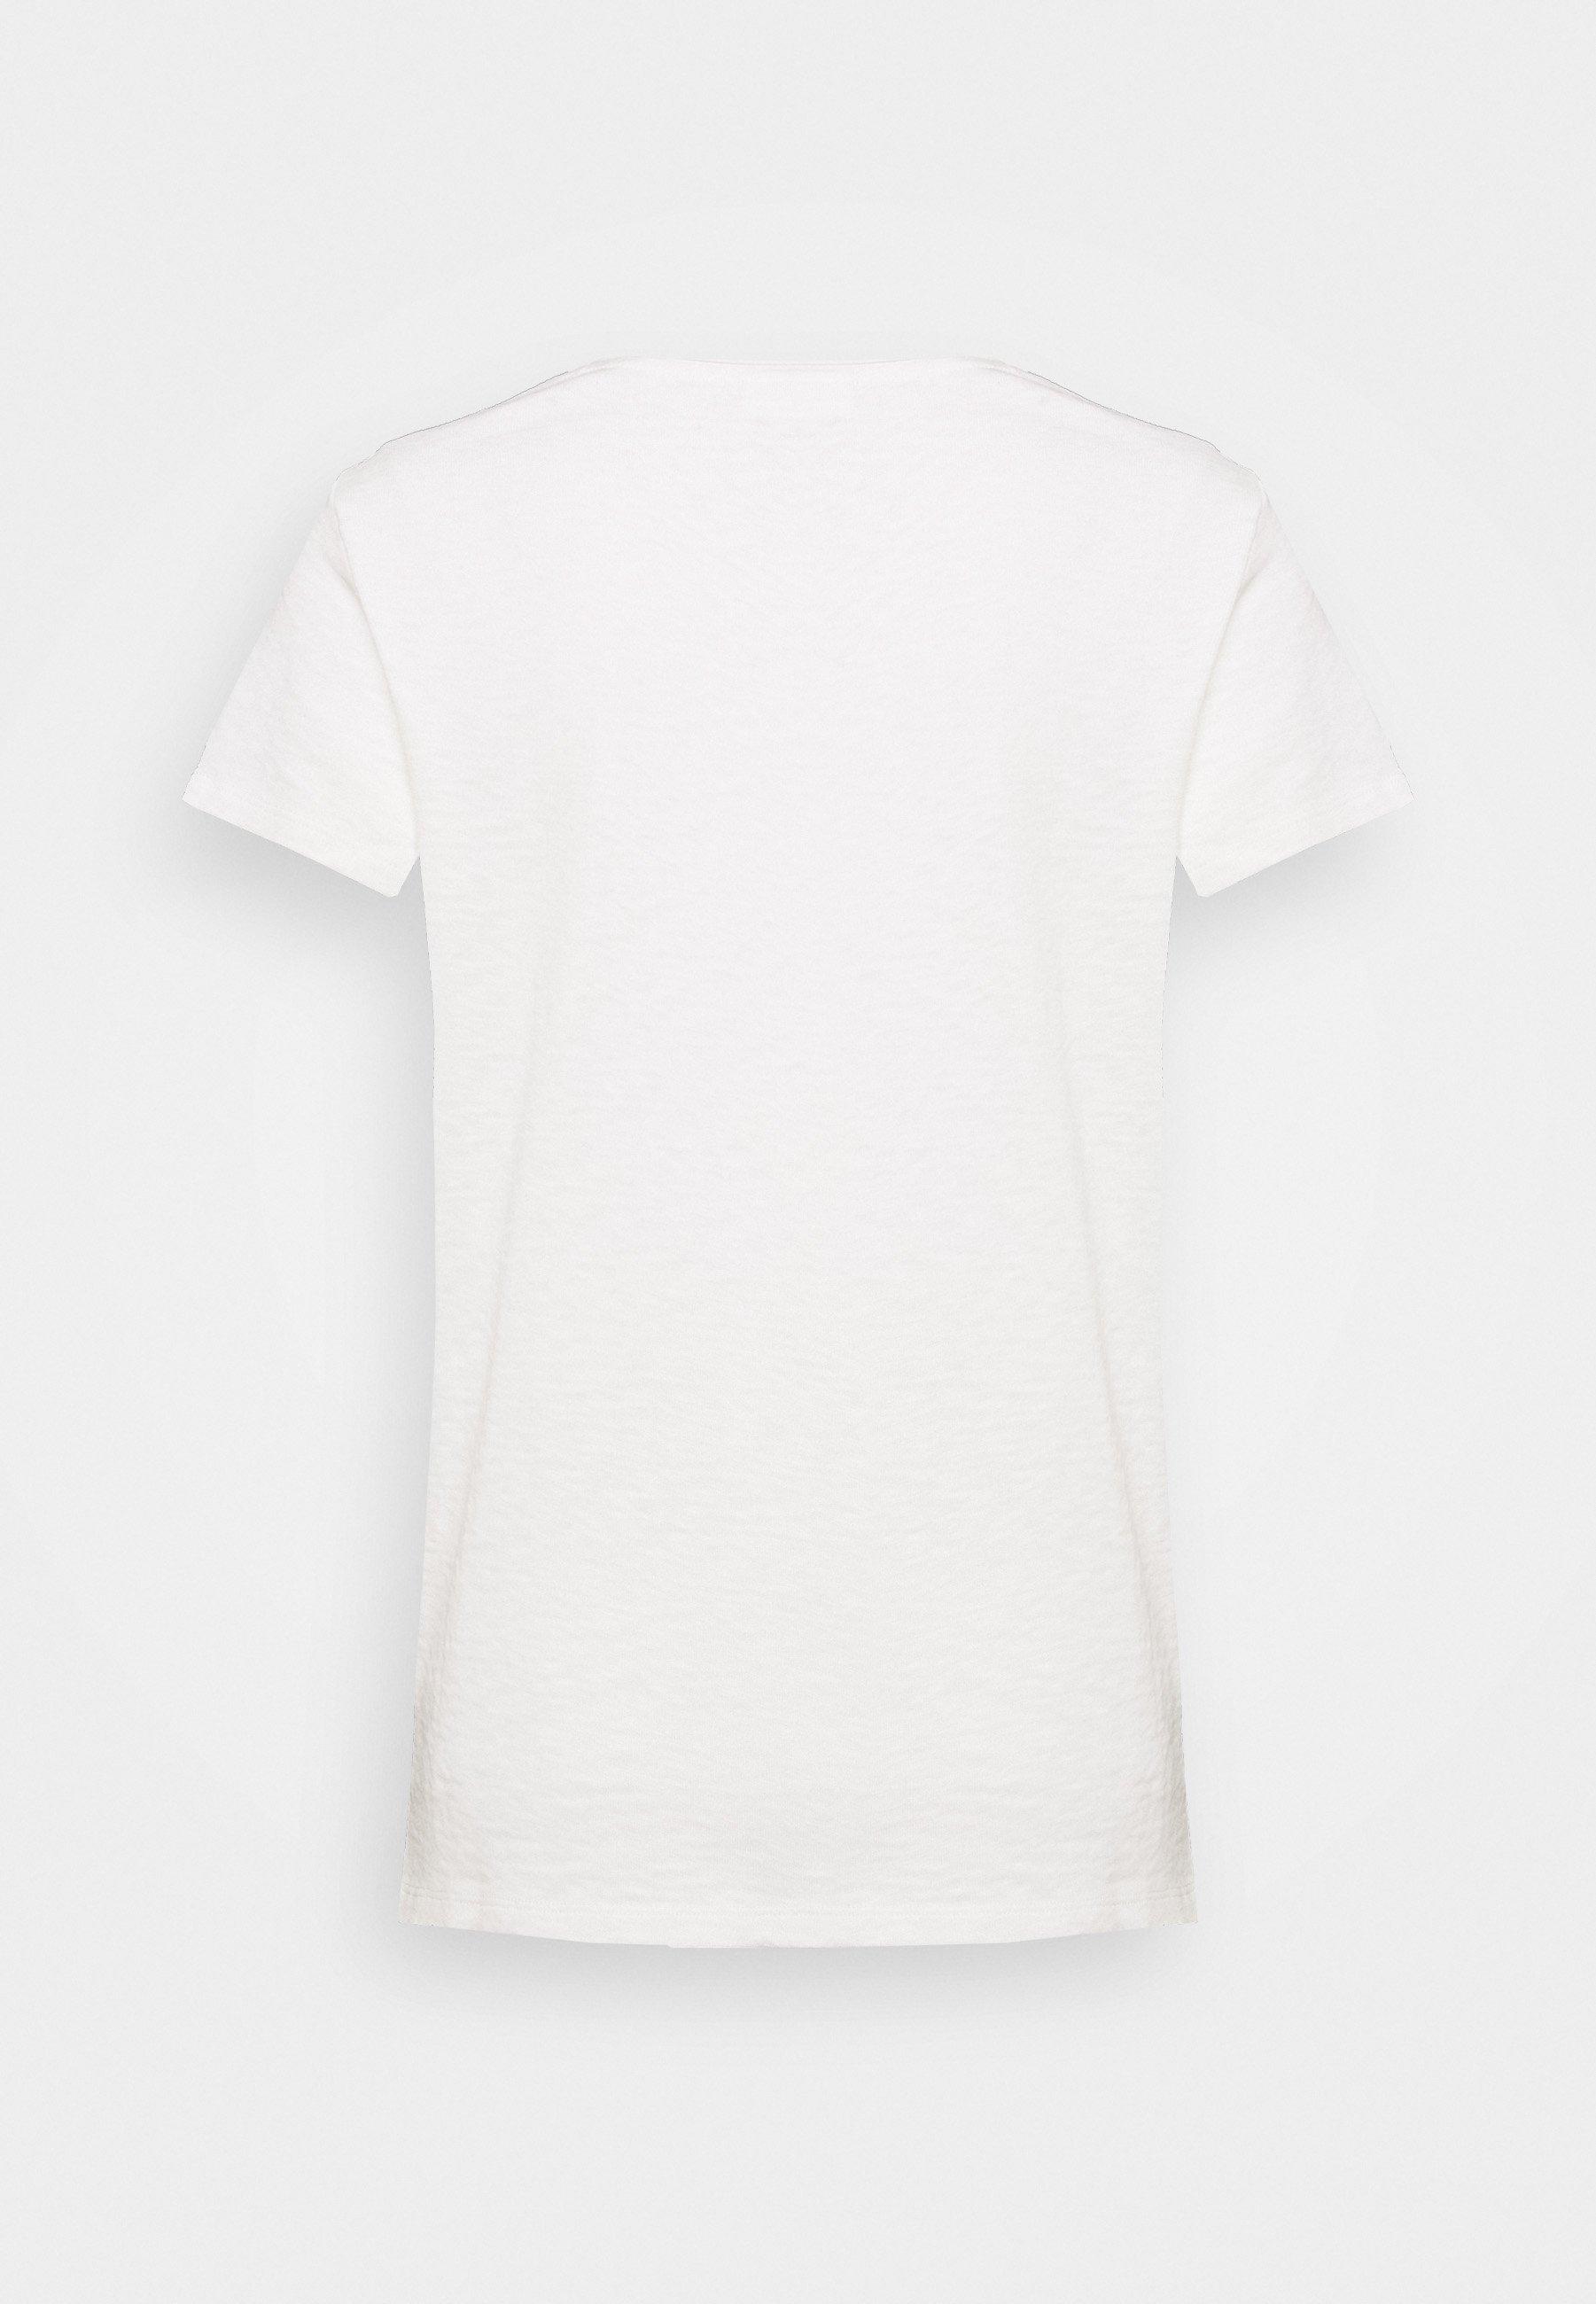 Overdeler   Herre   Nye polo og t skjorter online på Zalando